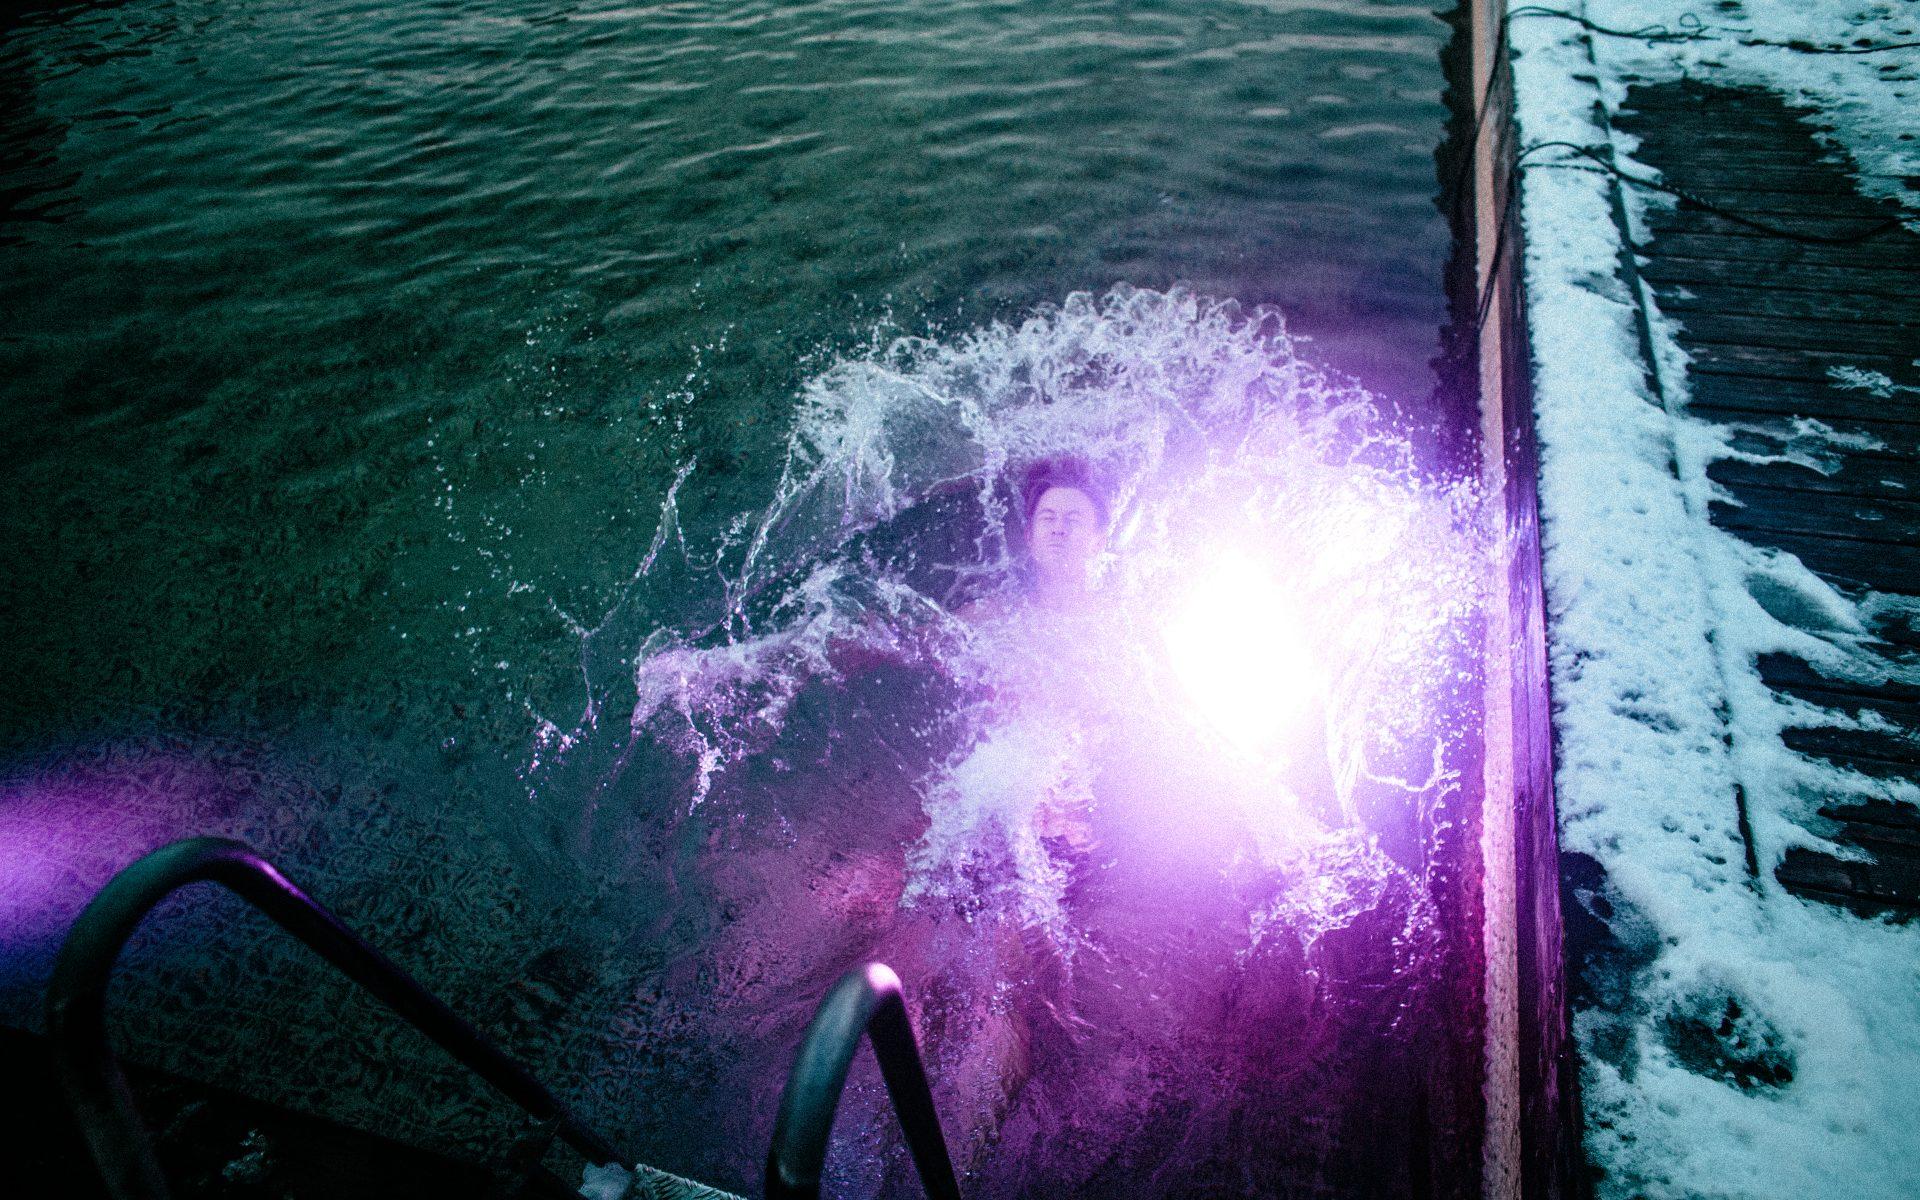 Vinterbader indhyllet i lyserødt lys i Havnebadet Islands Brygge